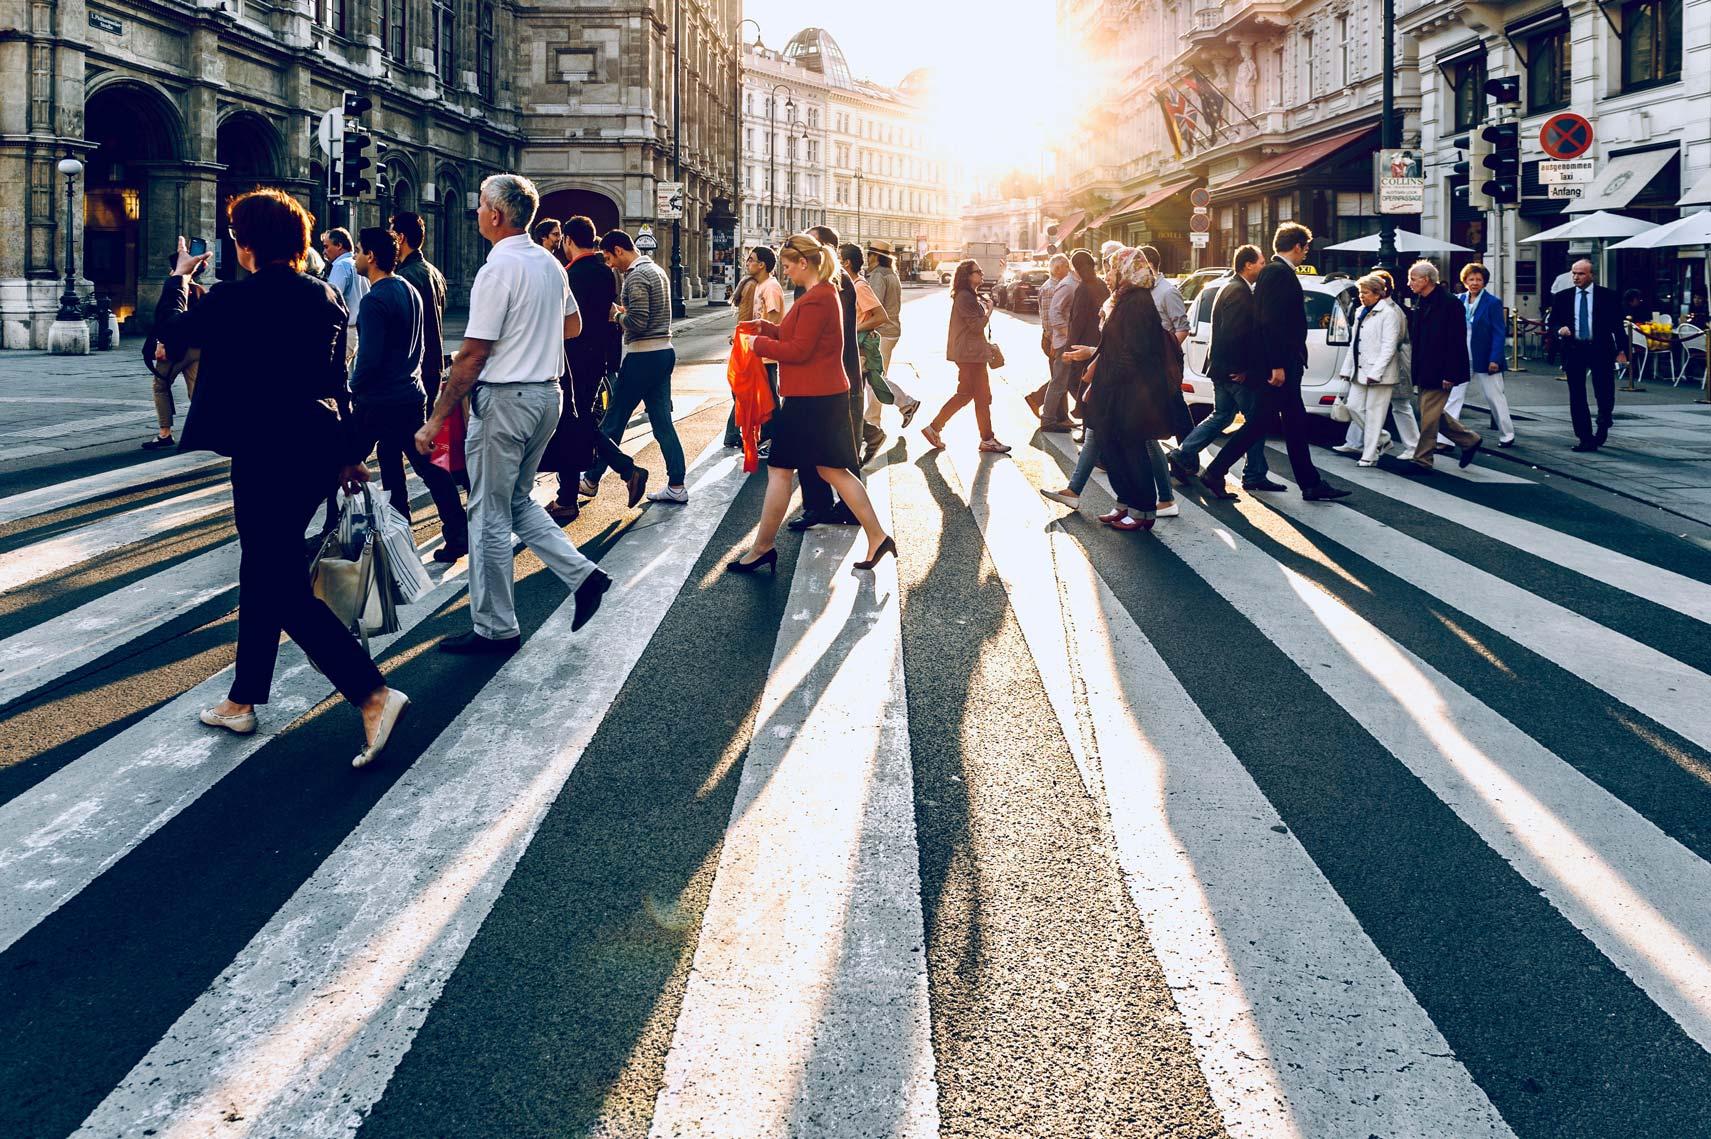 Réforme APE: les citoyens ne perdront pas leur emploi